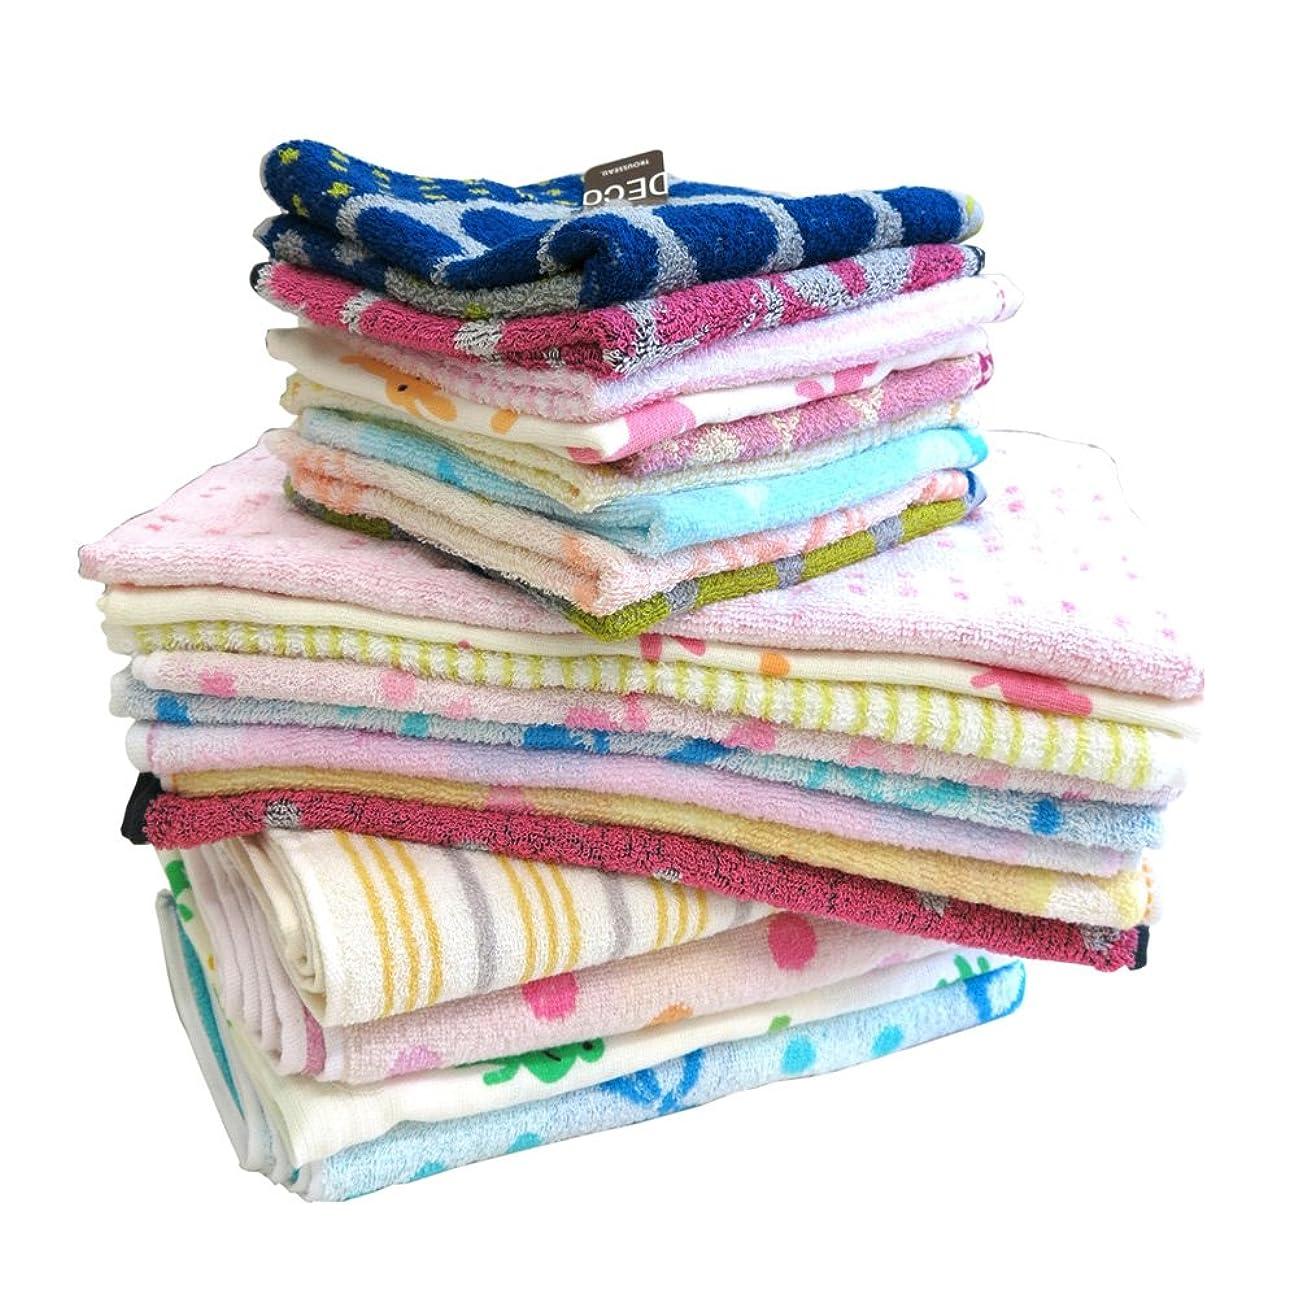 境界添加剤平日日繊商工 おまかせ バスタオル フェイスタオル ウォッシュタオル 20枚セット 福袋